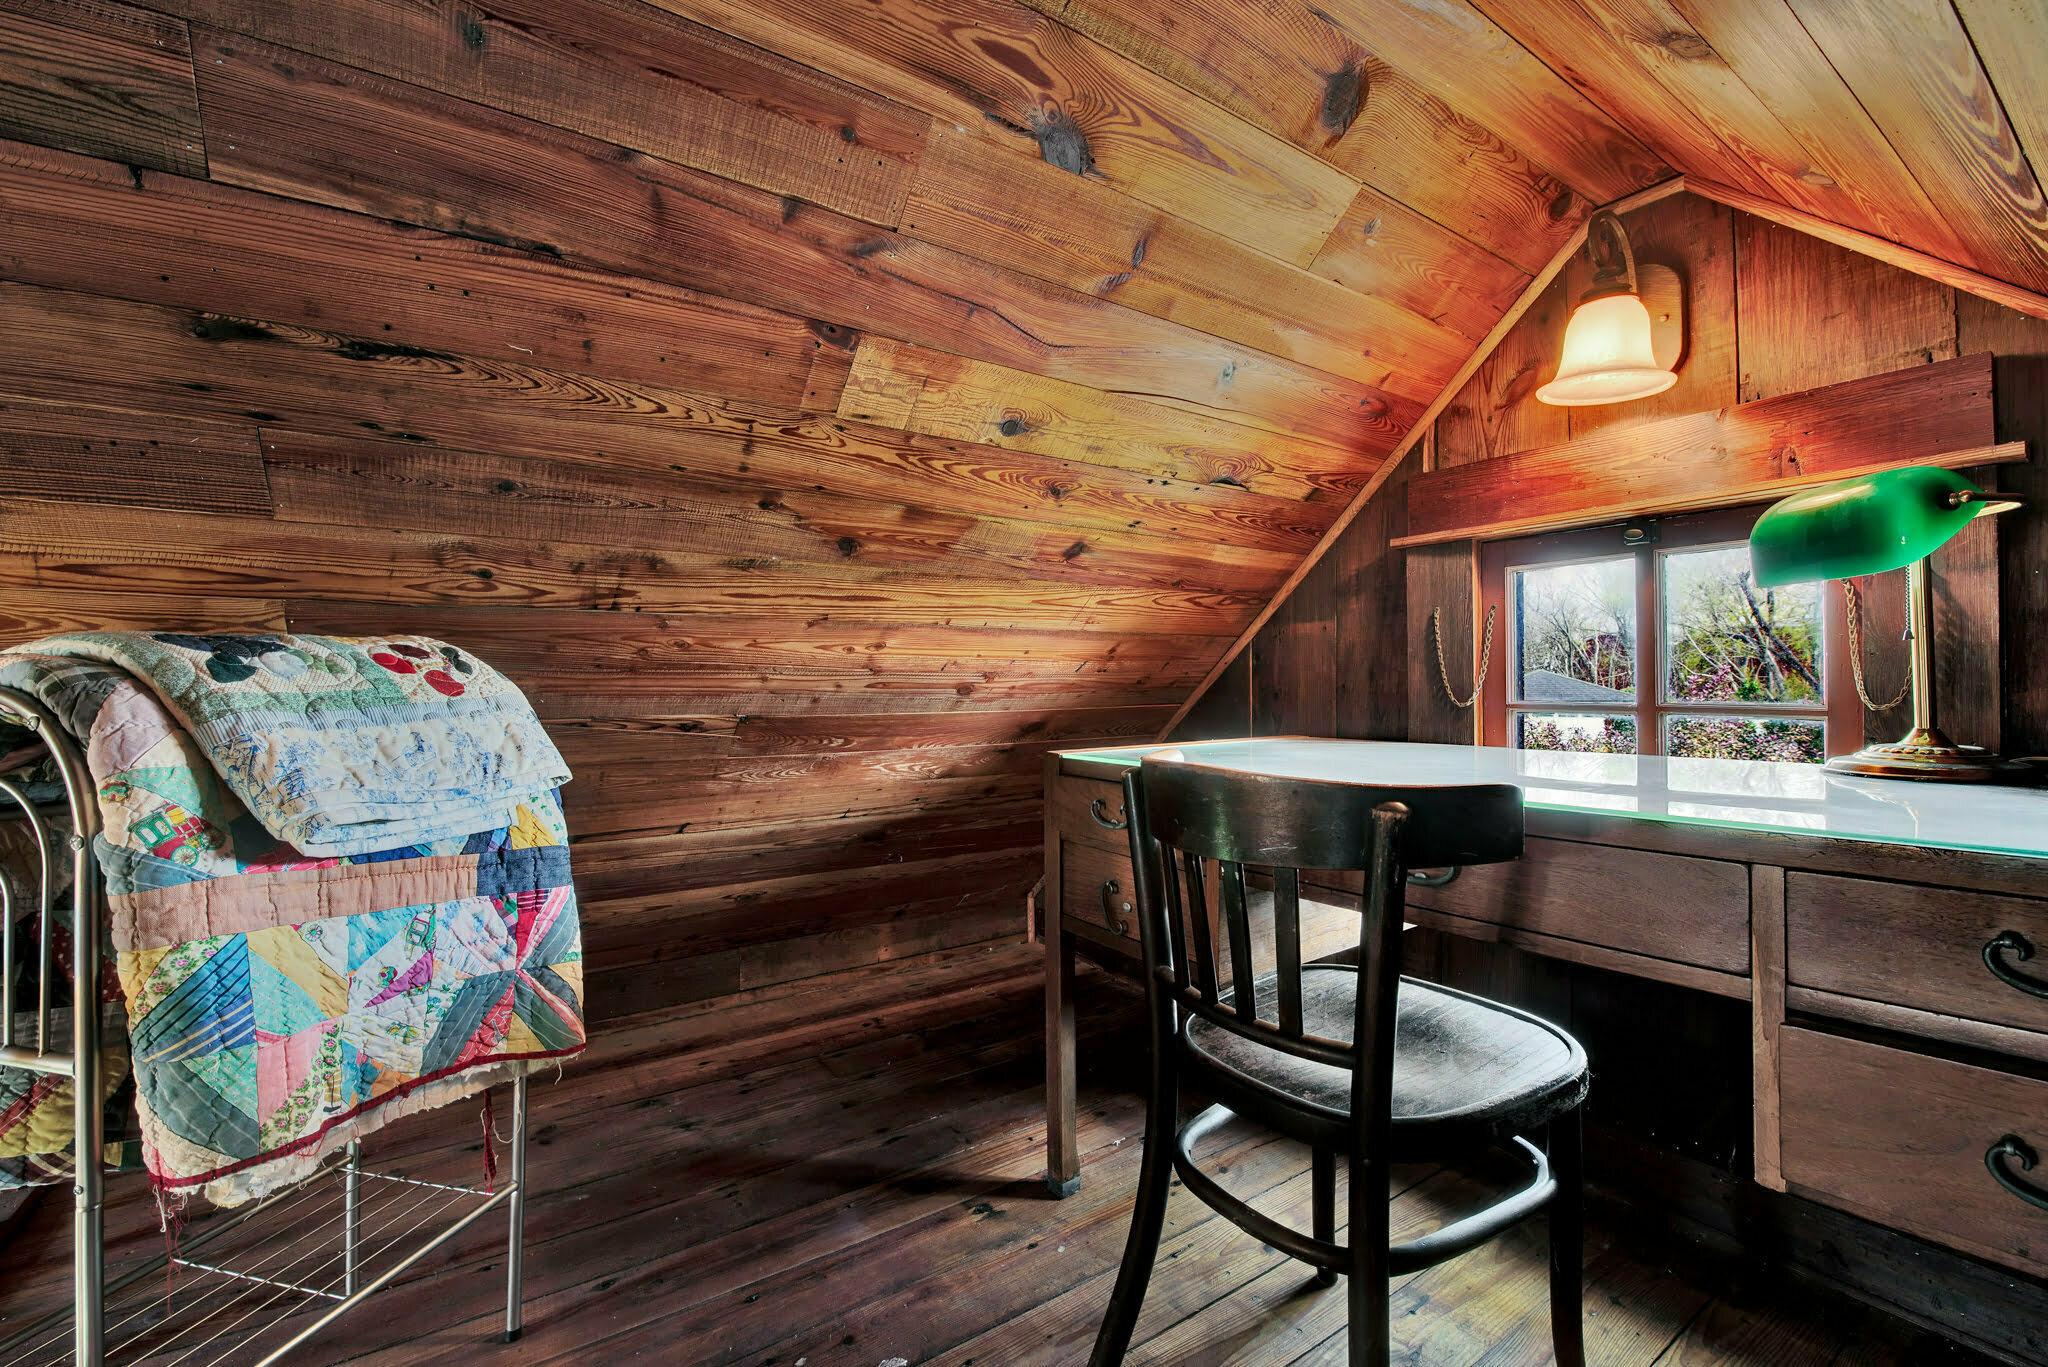 loft area at rustics oaks